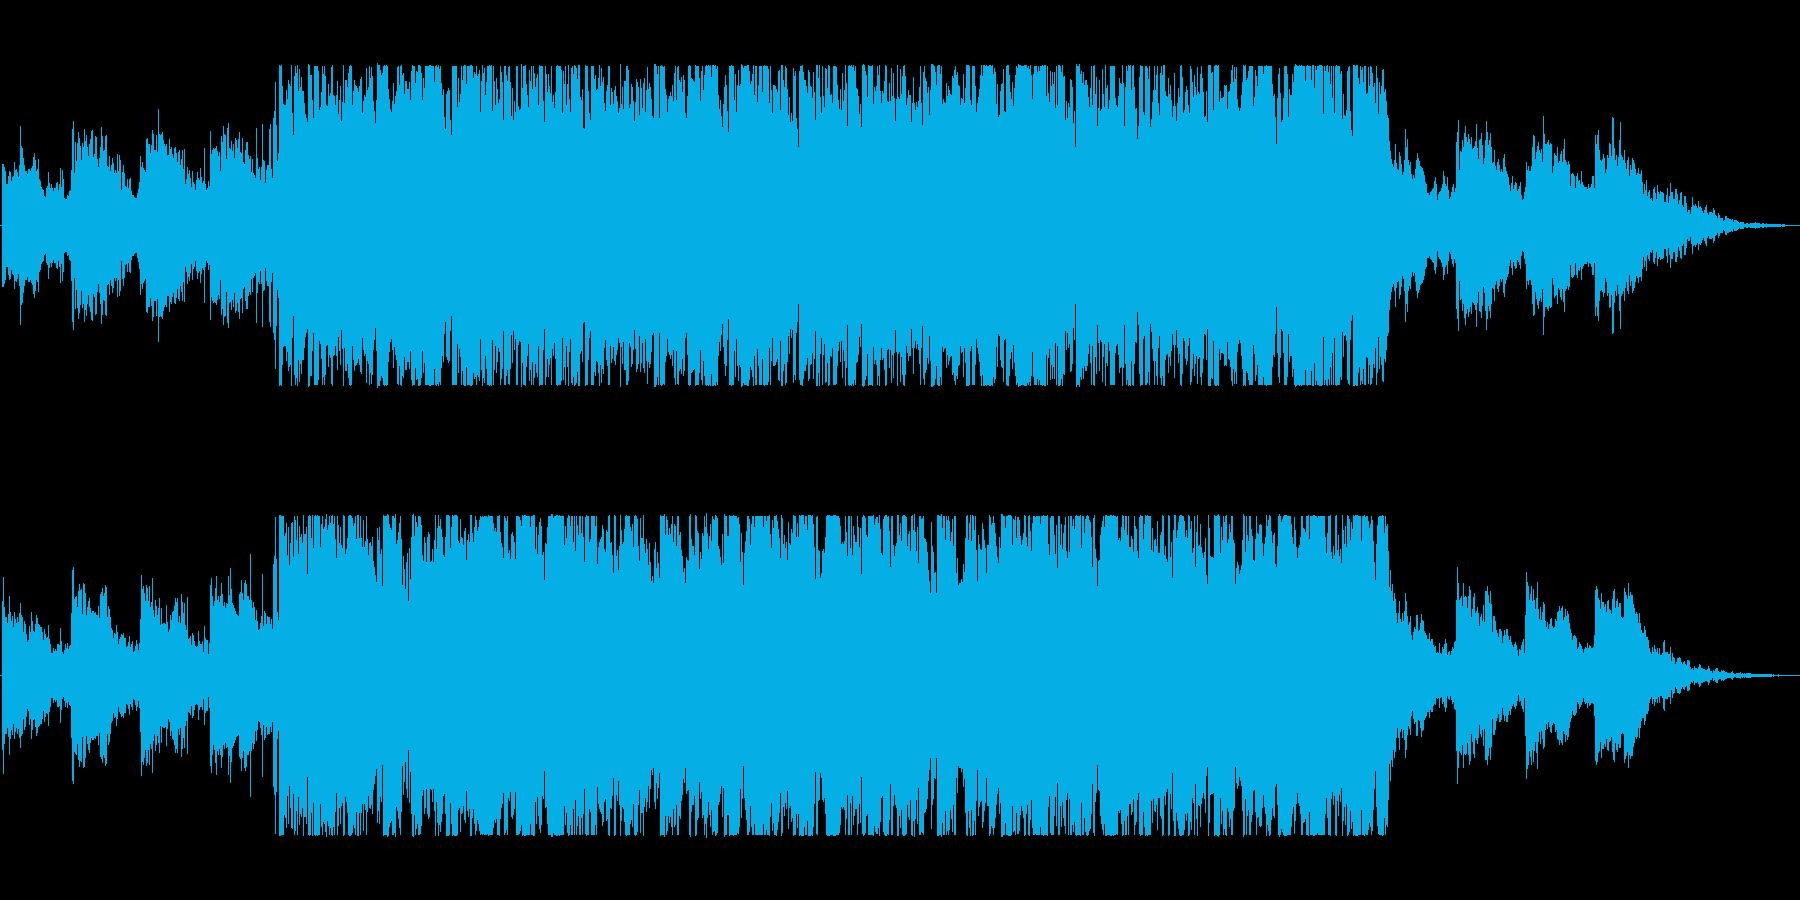 優しく美しいシンセサイザーピアノサウンドの再生済みの波形